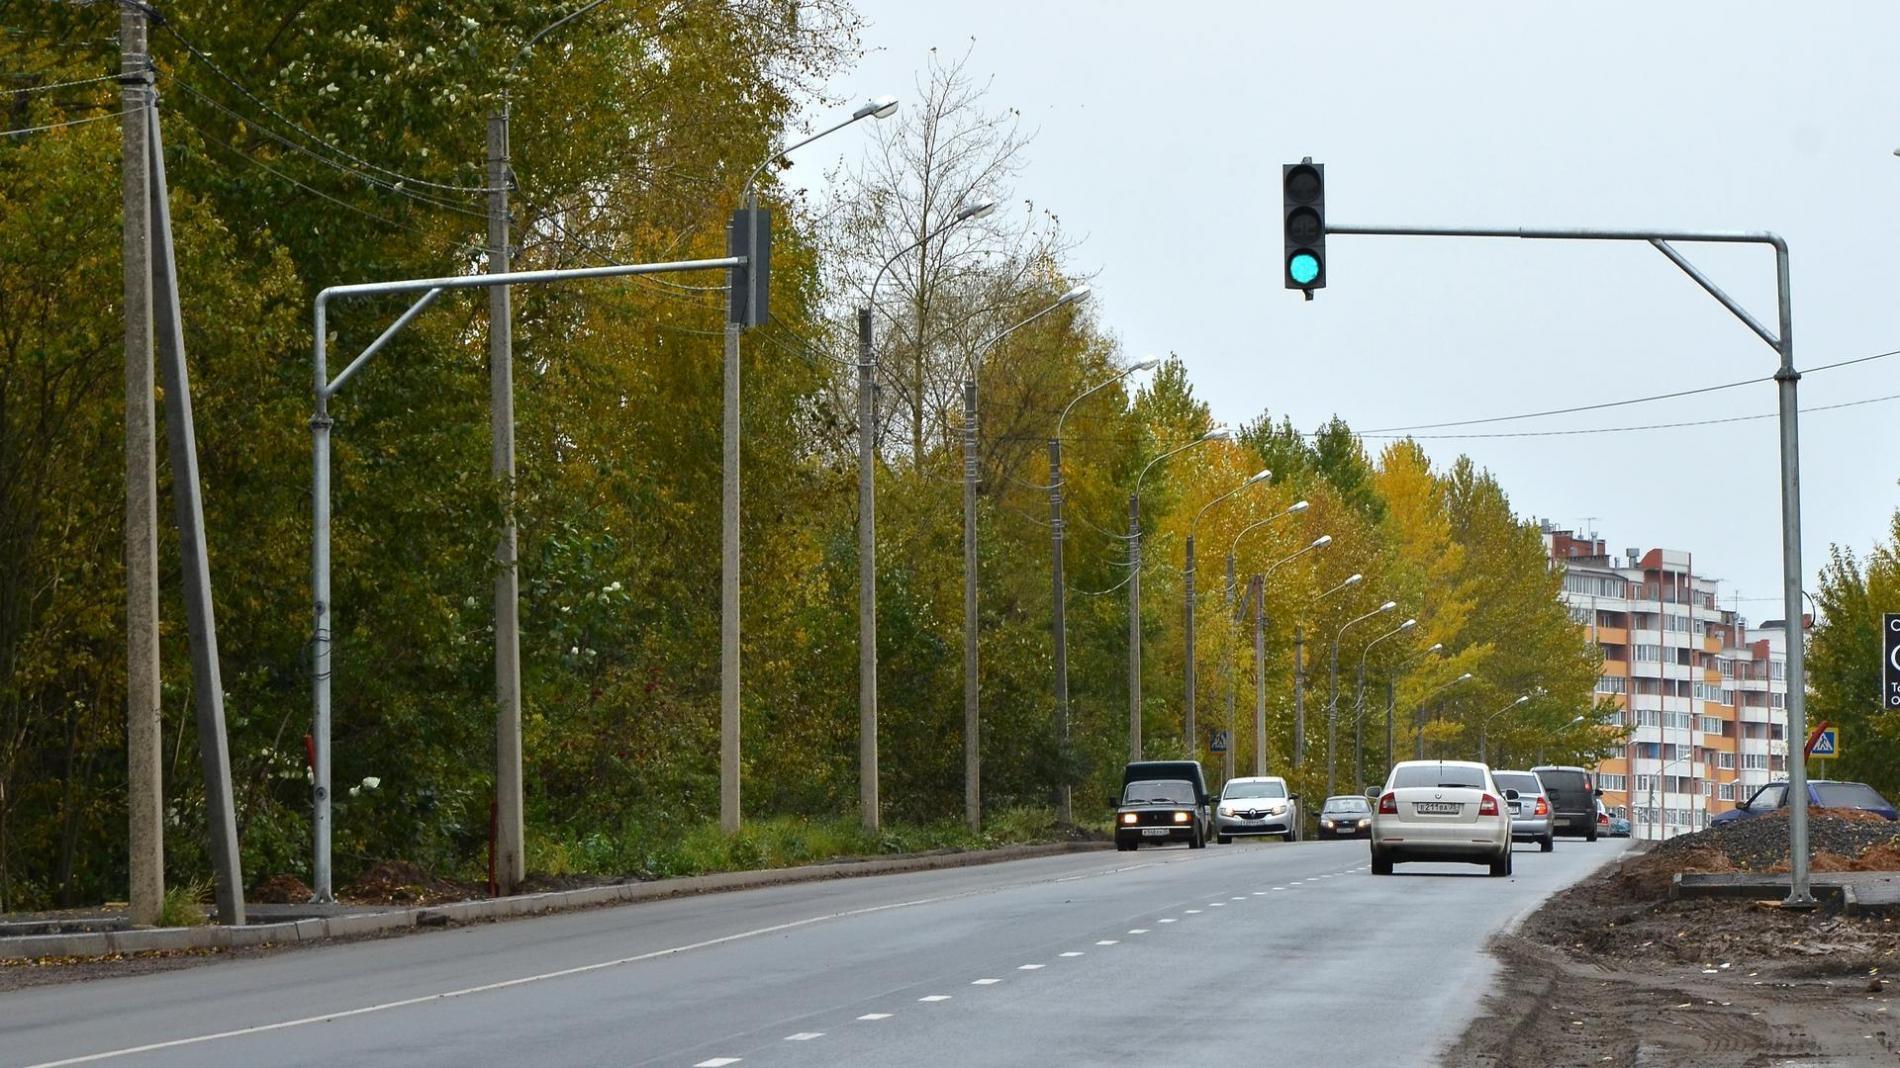 Новый светофор на Окружном шоссе помогает собирать информацию о ситуации на дороге